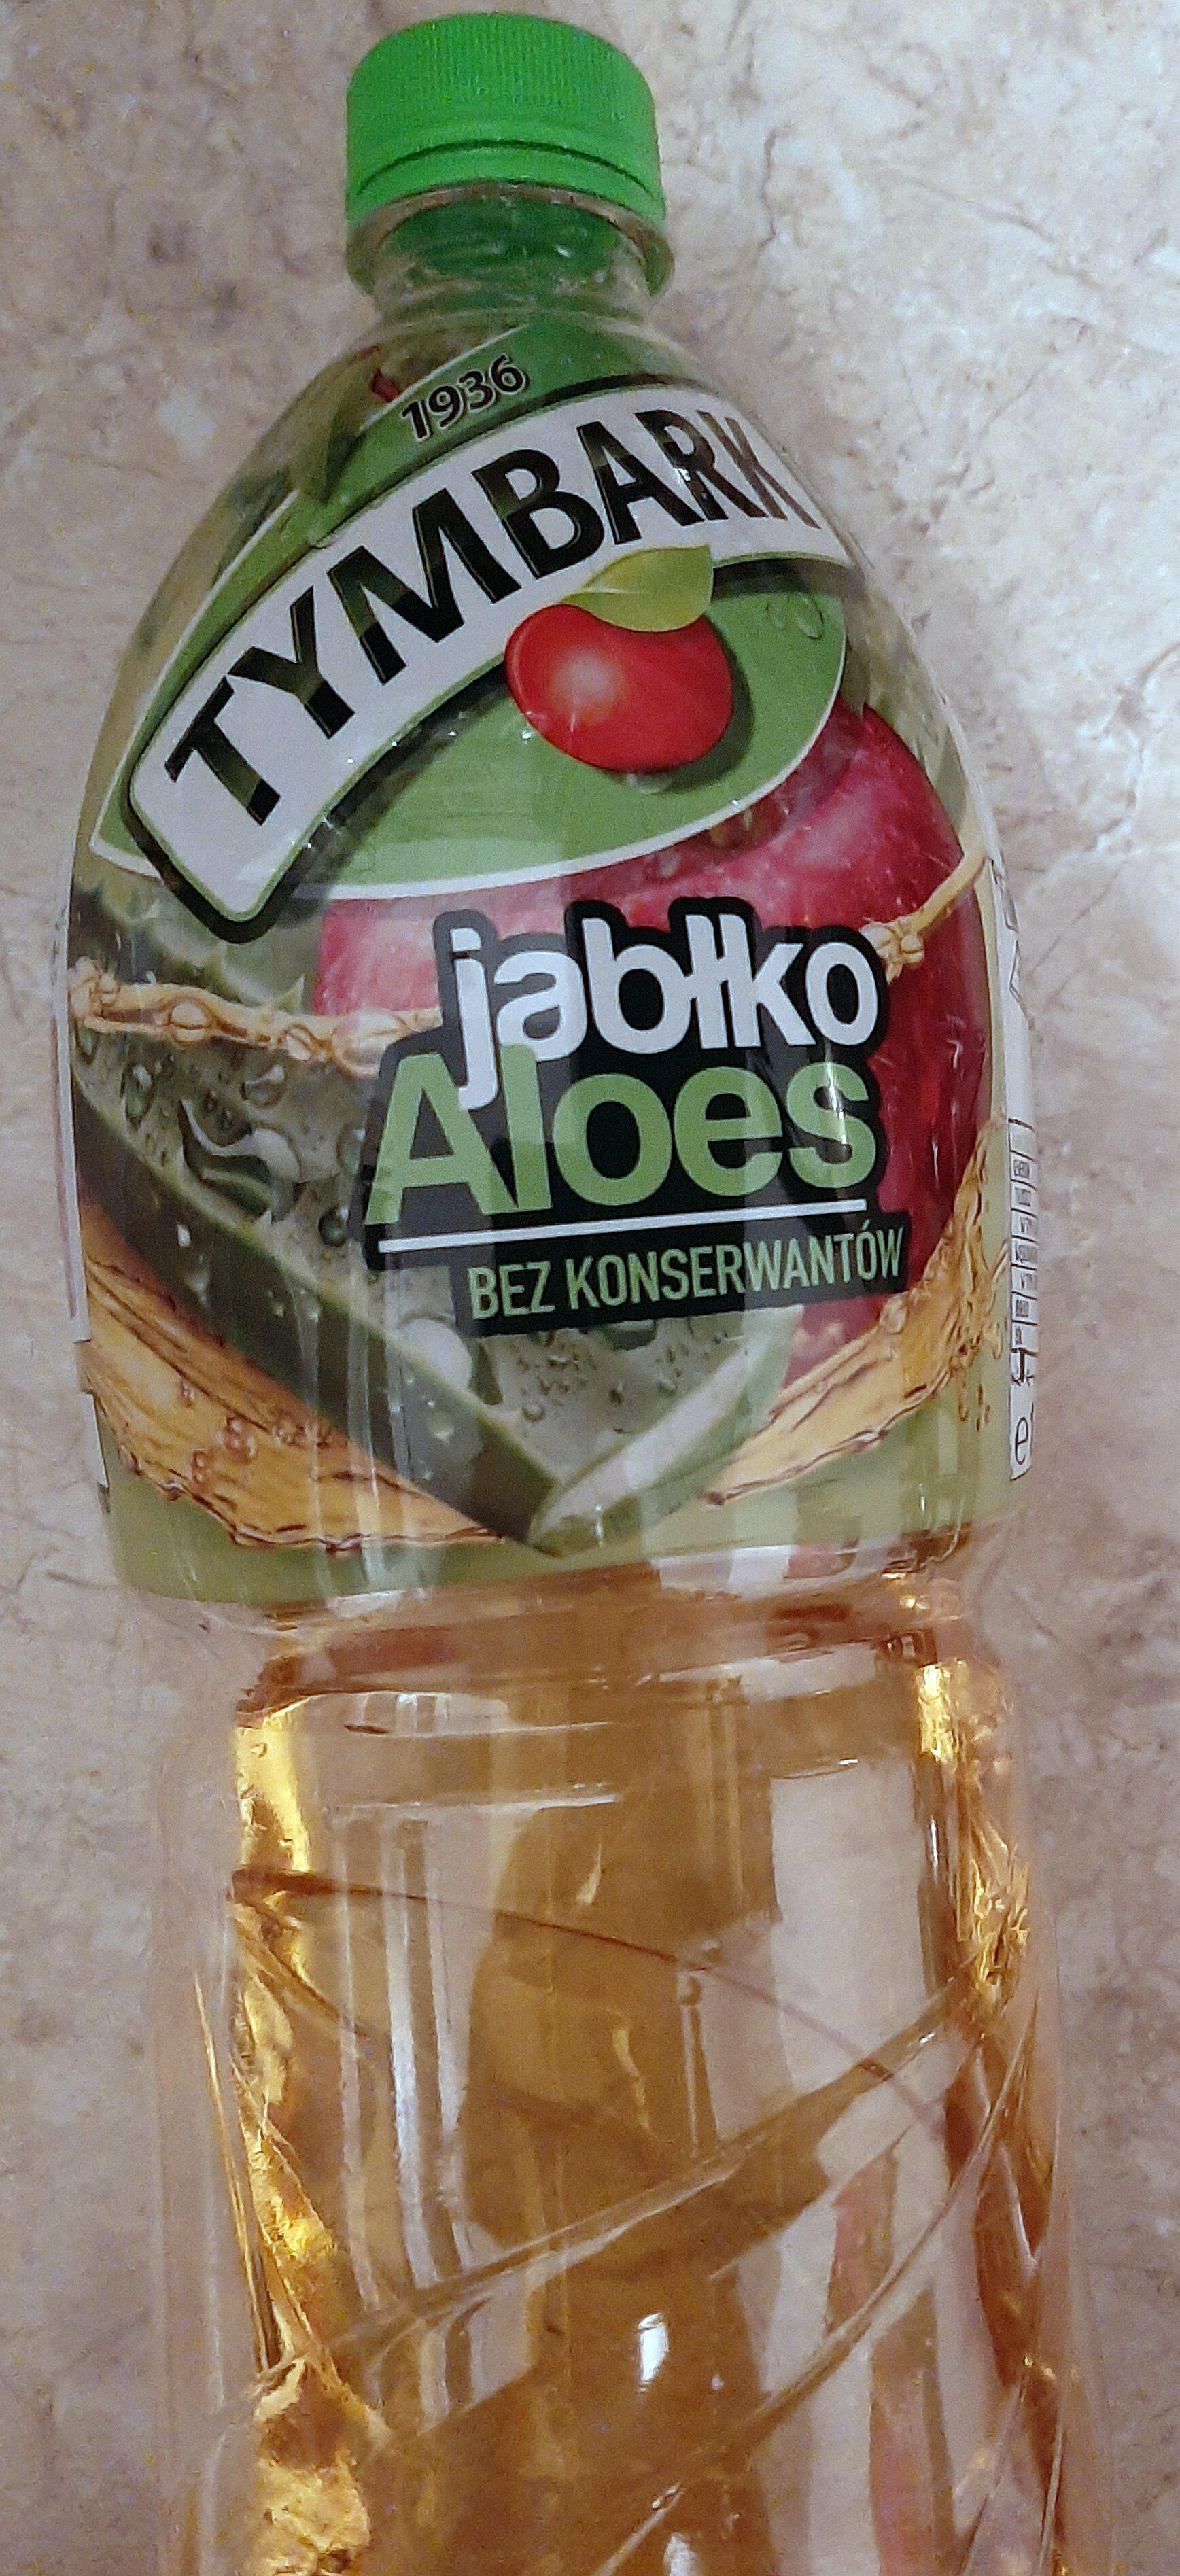 Napój jabłkowy - Product - pl